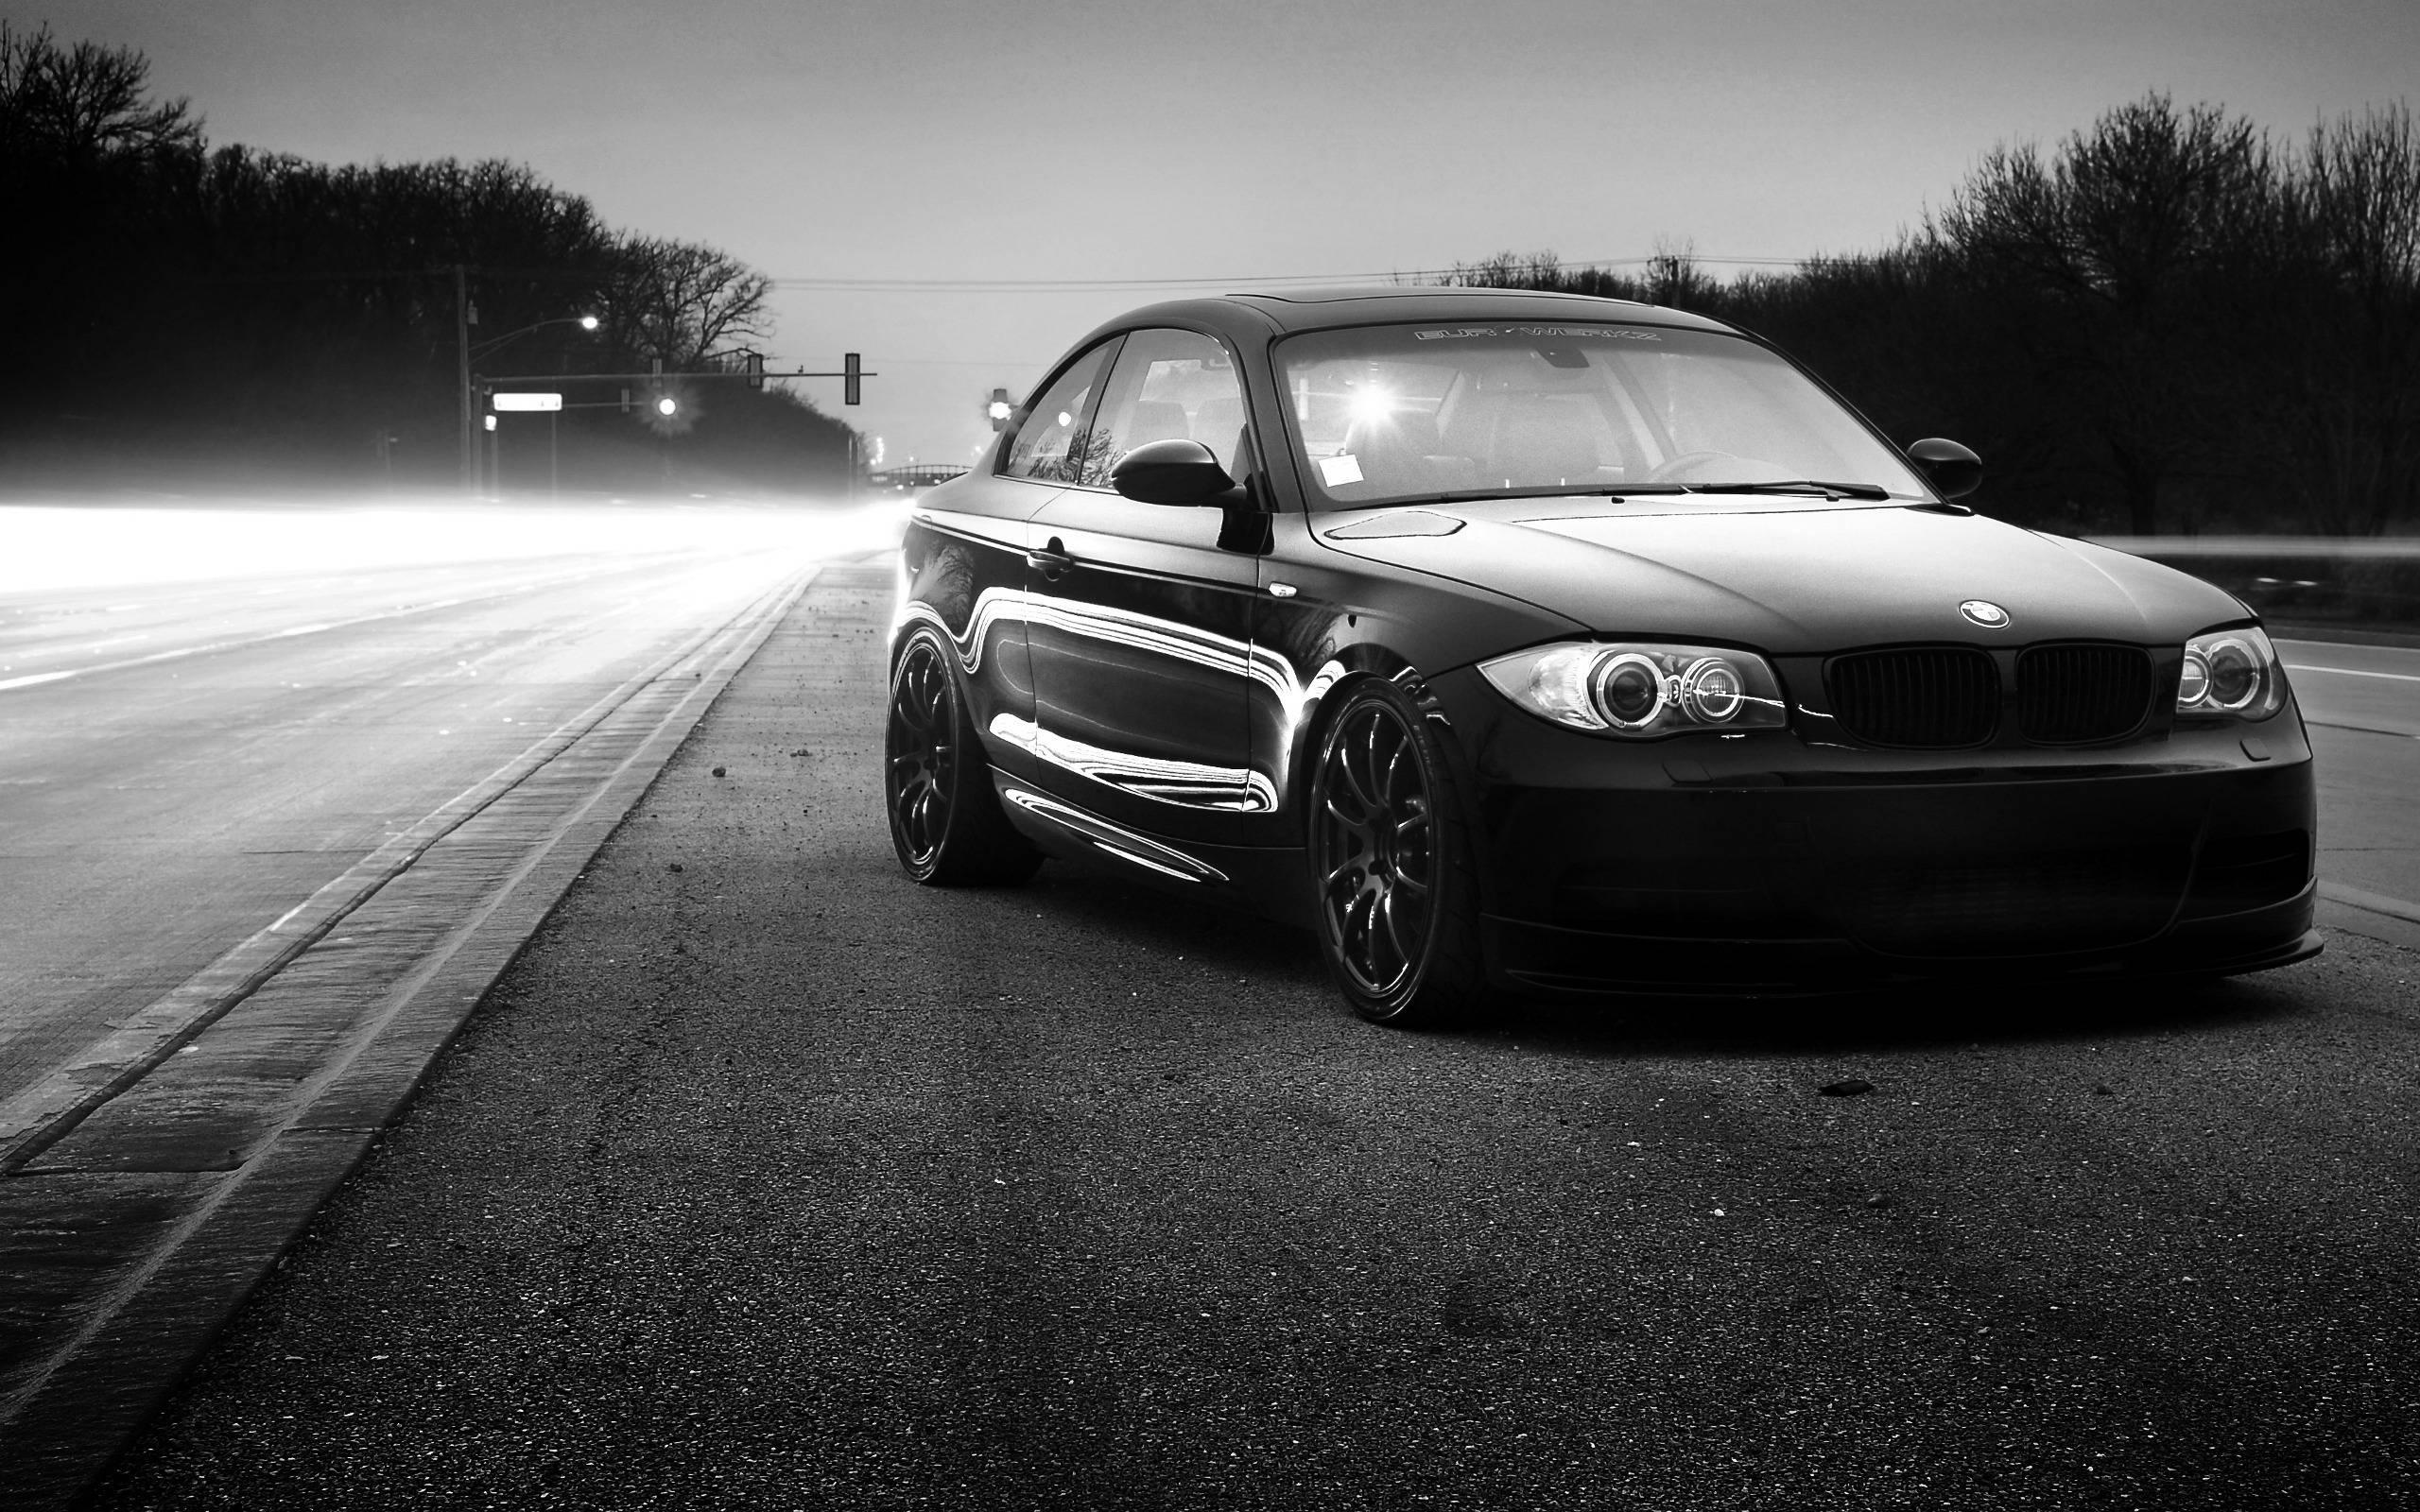 Black Car Wallpapers